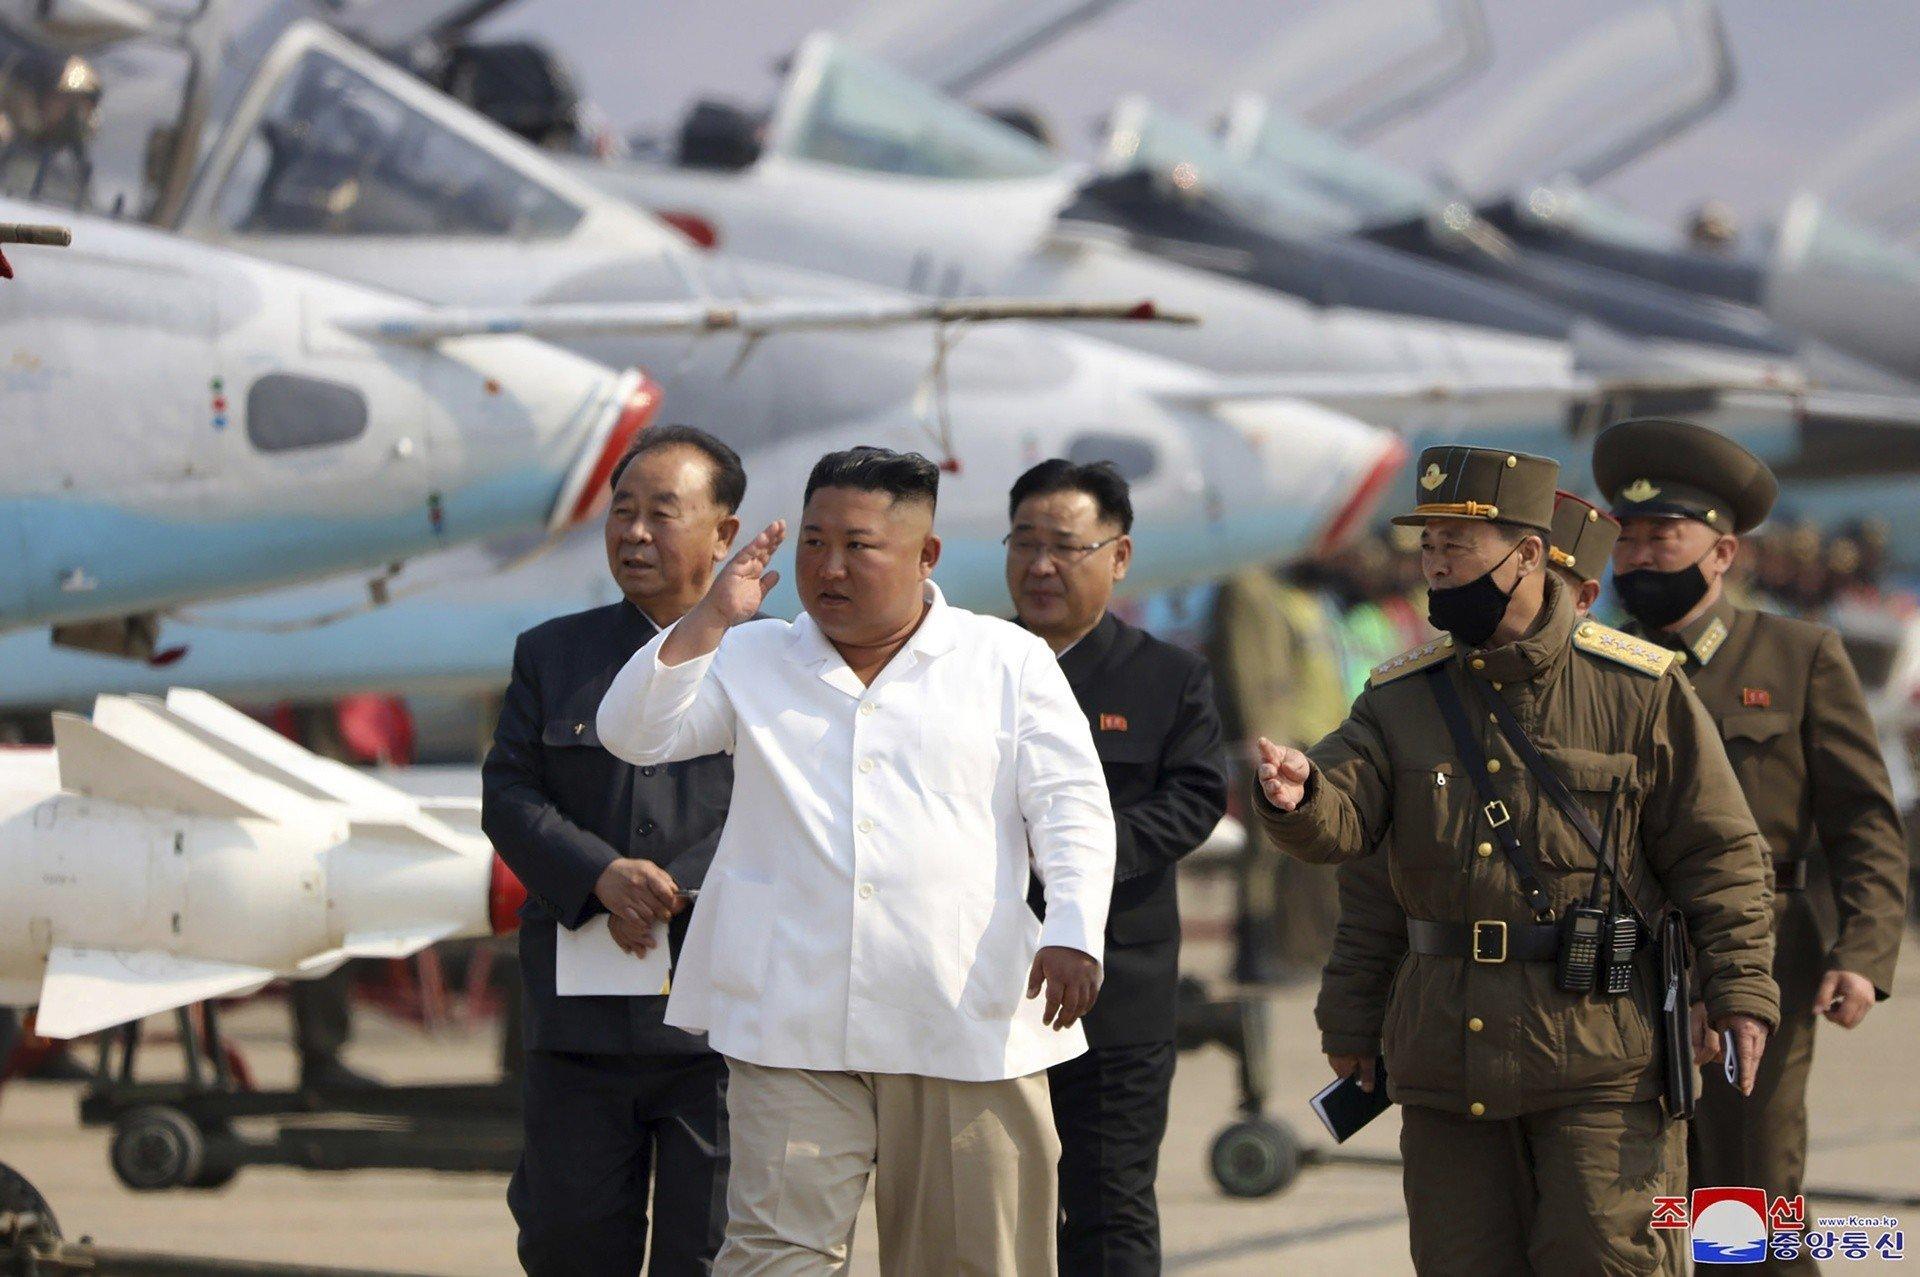 Kim Dzong Un nie żyje? Korea Południowa dementuje te rewelacje. Nie wiadomo jednak, co się dzieje z przywódcą Korei Północnej | Polska Times